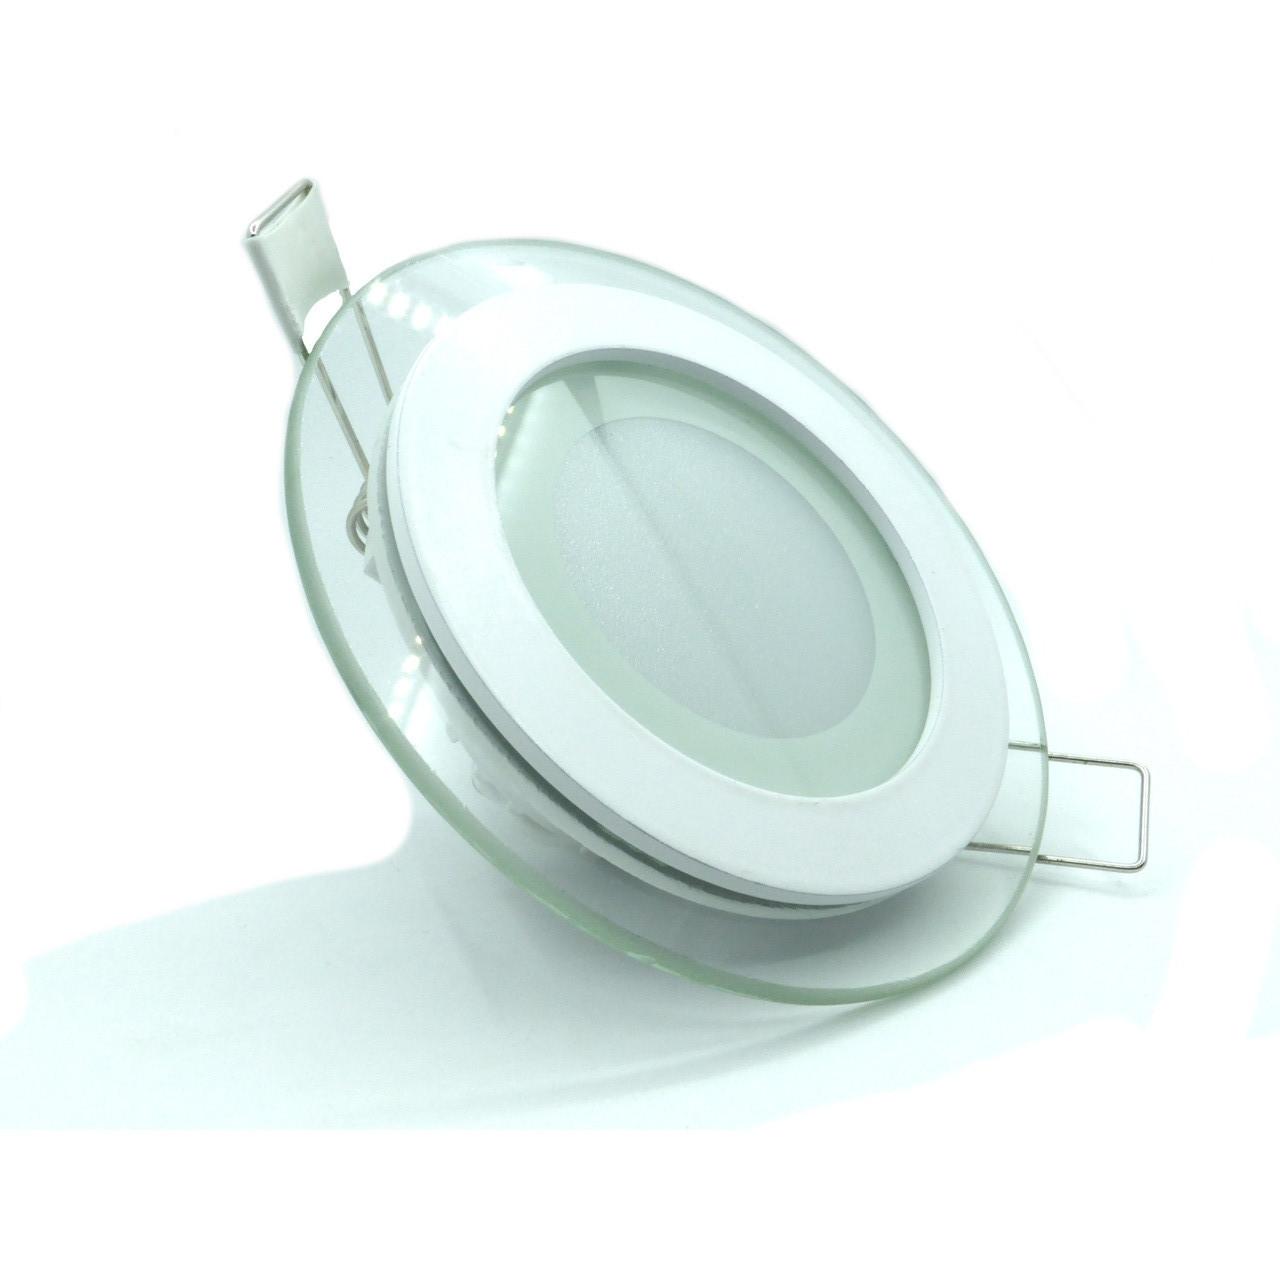 """Світлодіодний LED світильник вбудований (СКЛО) панель 6 W, 420 Лм, """"Коло"""" або """"Квадрат"""""""